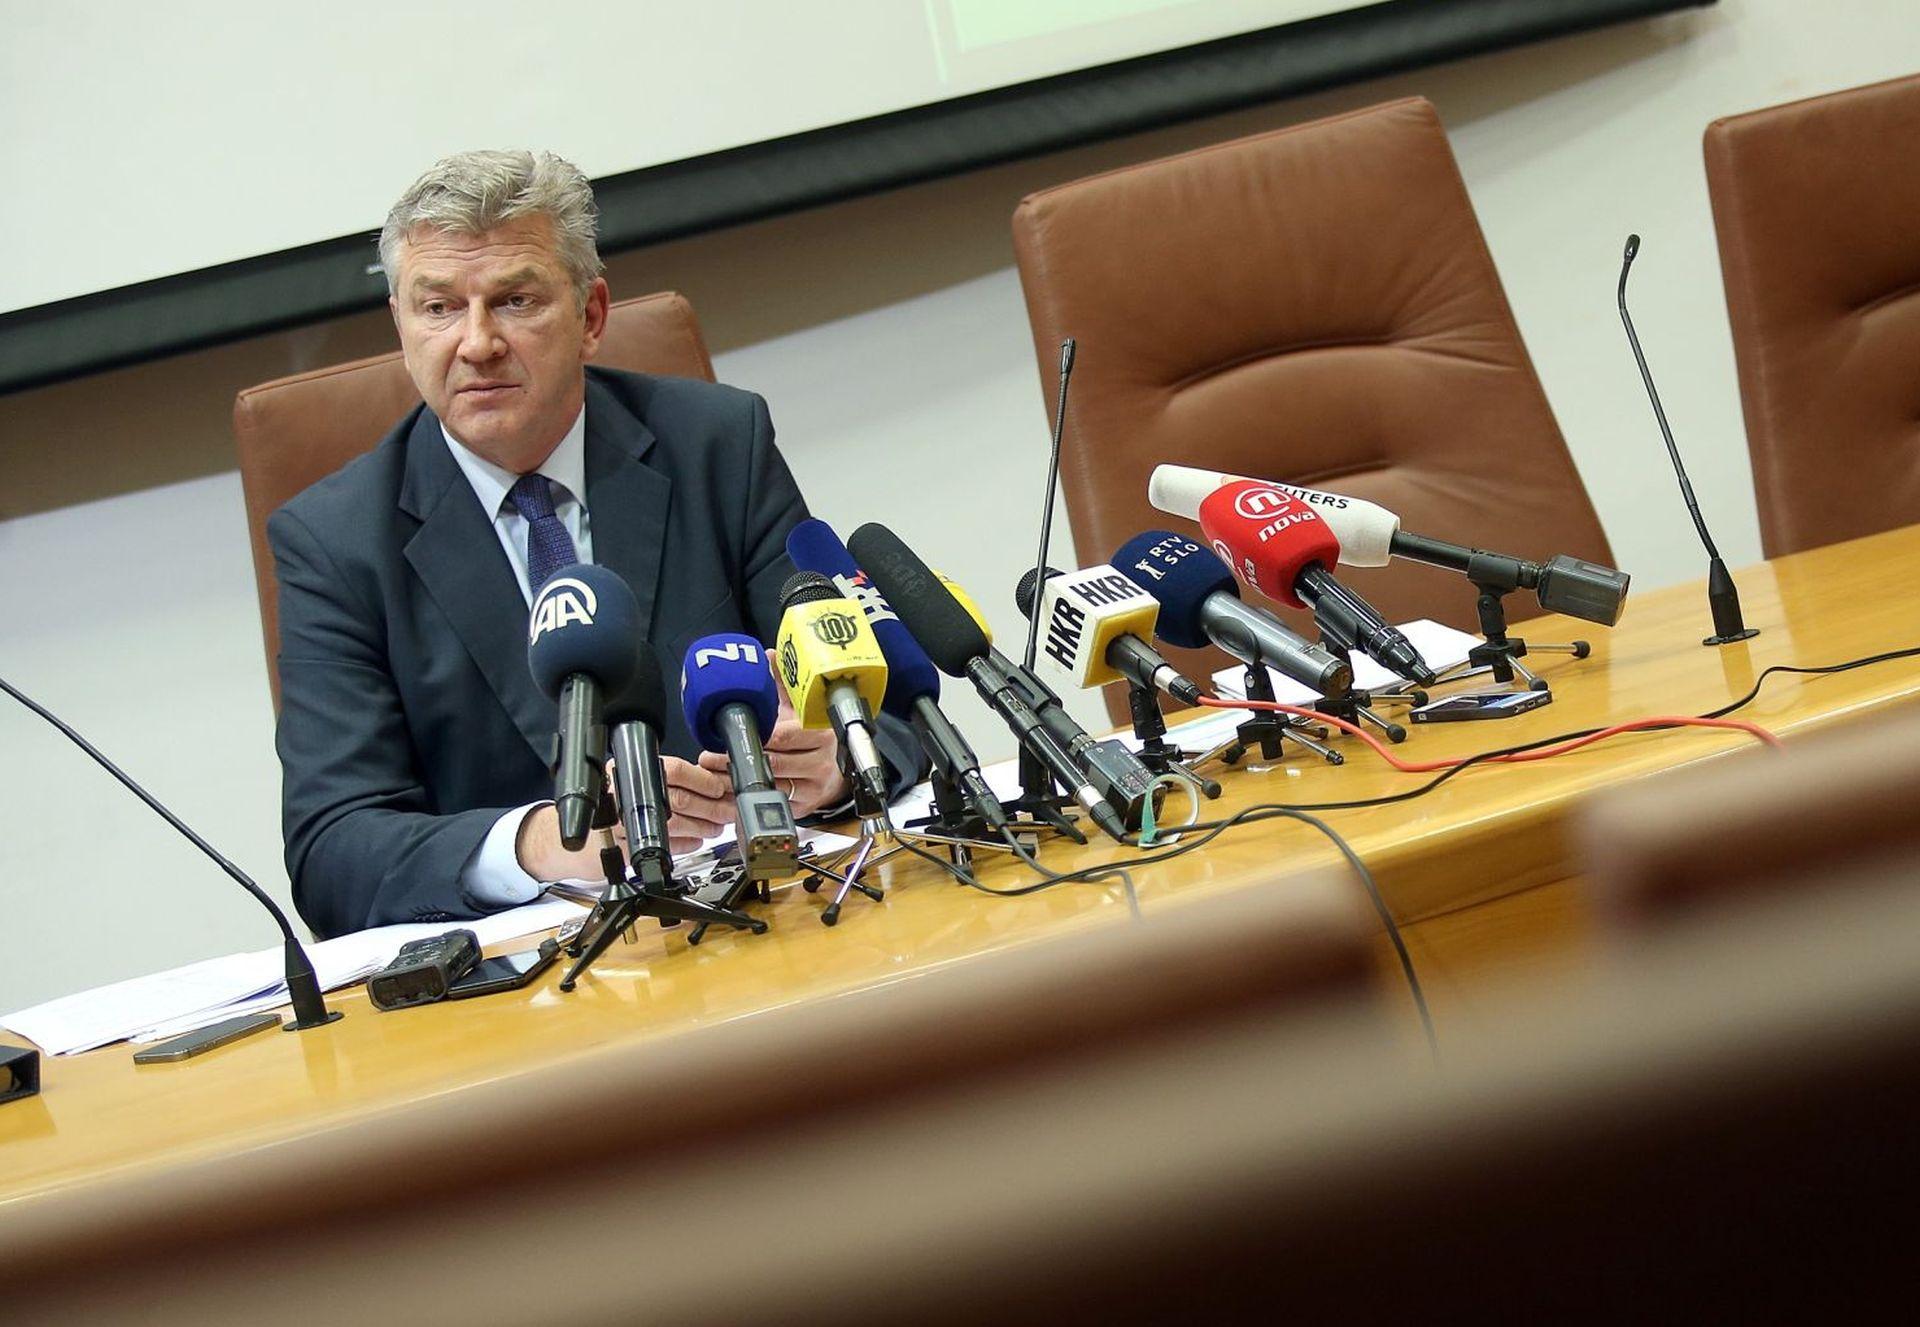 Odbor za Ustav dao za pravo Ostojiću: Odbor za nacionalnu sigurnost trebao je raspravljati o Lozančićevoj smjeni